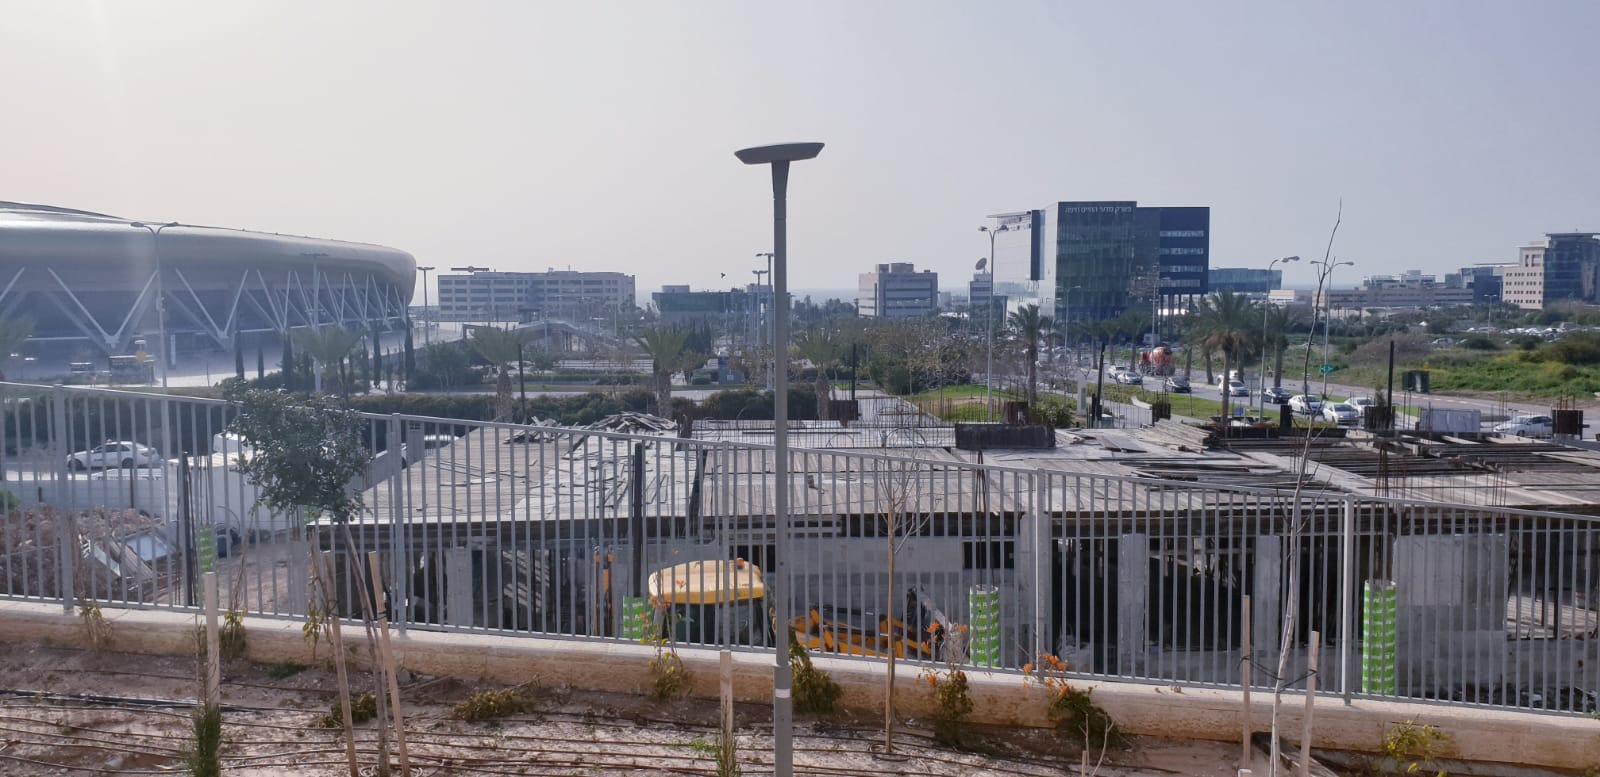 מעון-דובדבן-נאות-פרס-חיפה-התקדמות-בניה